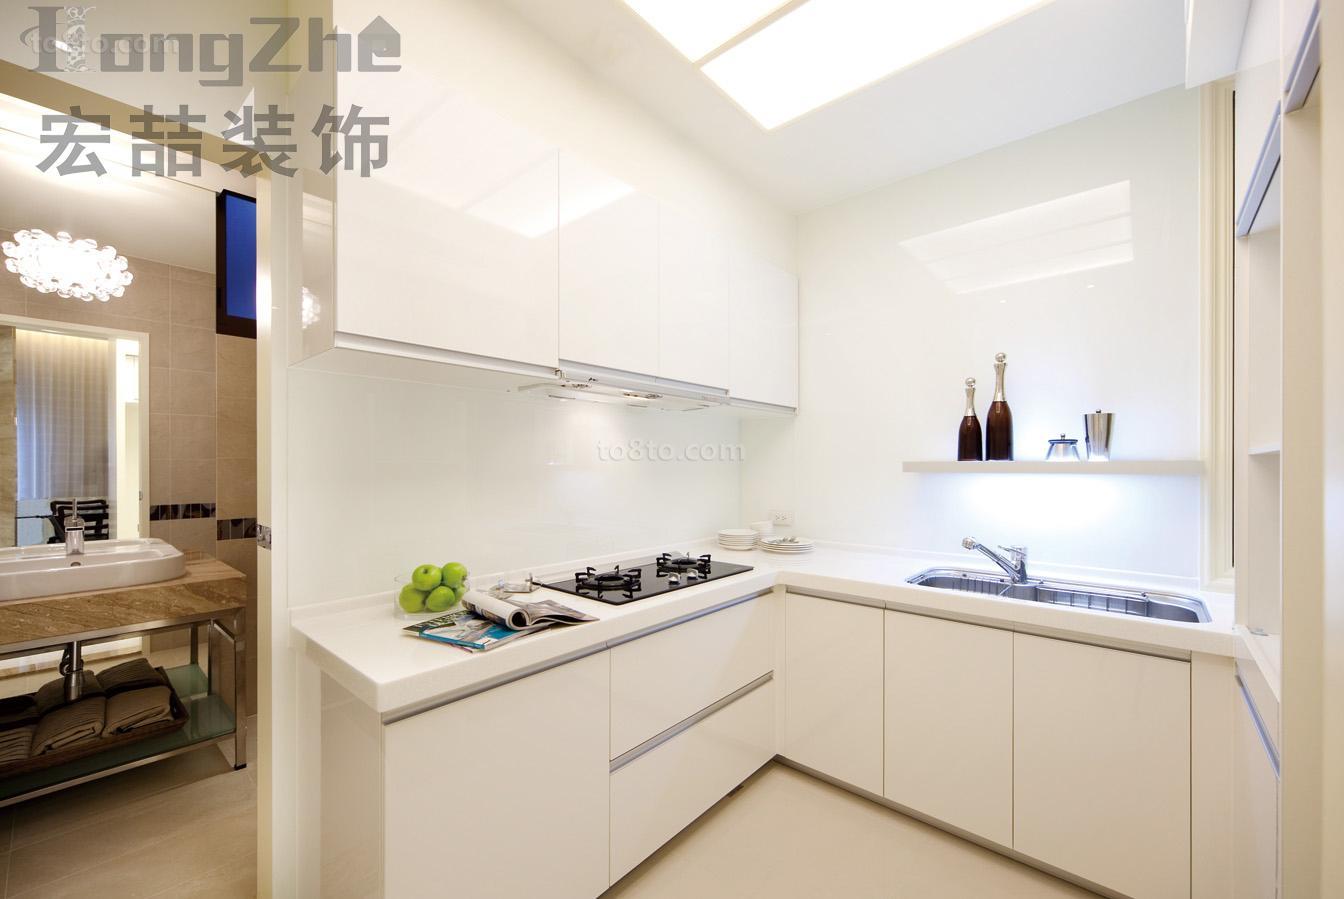 极简主义厨房装修效果图欣赏